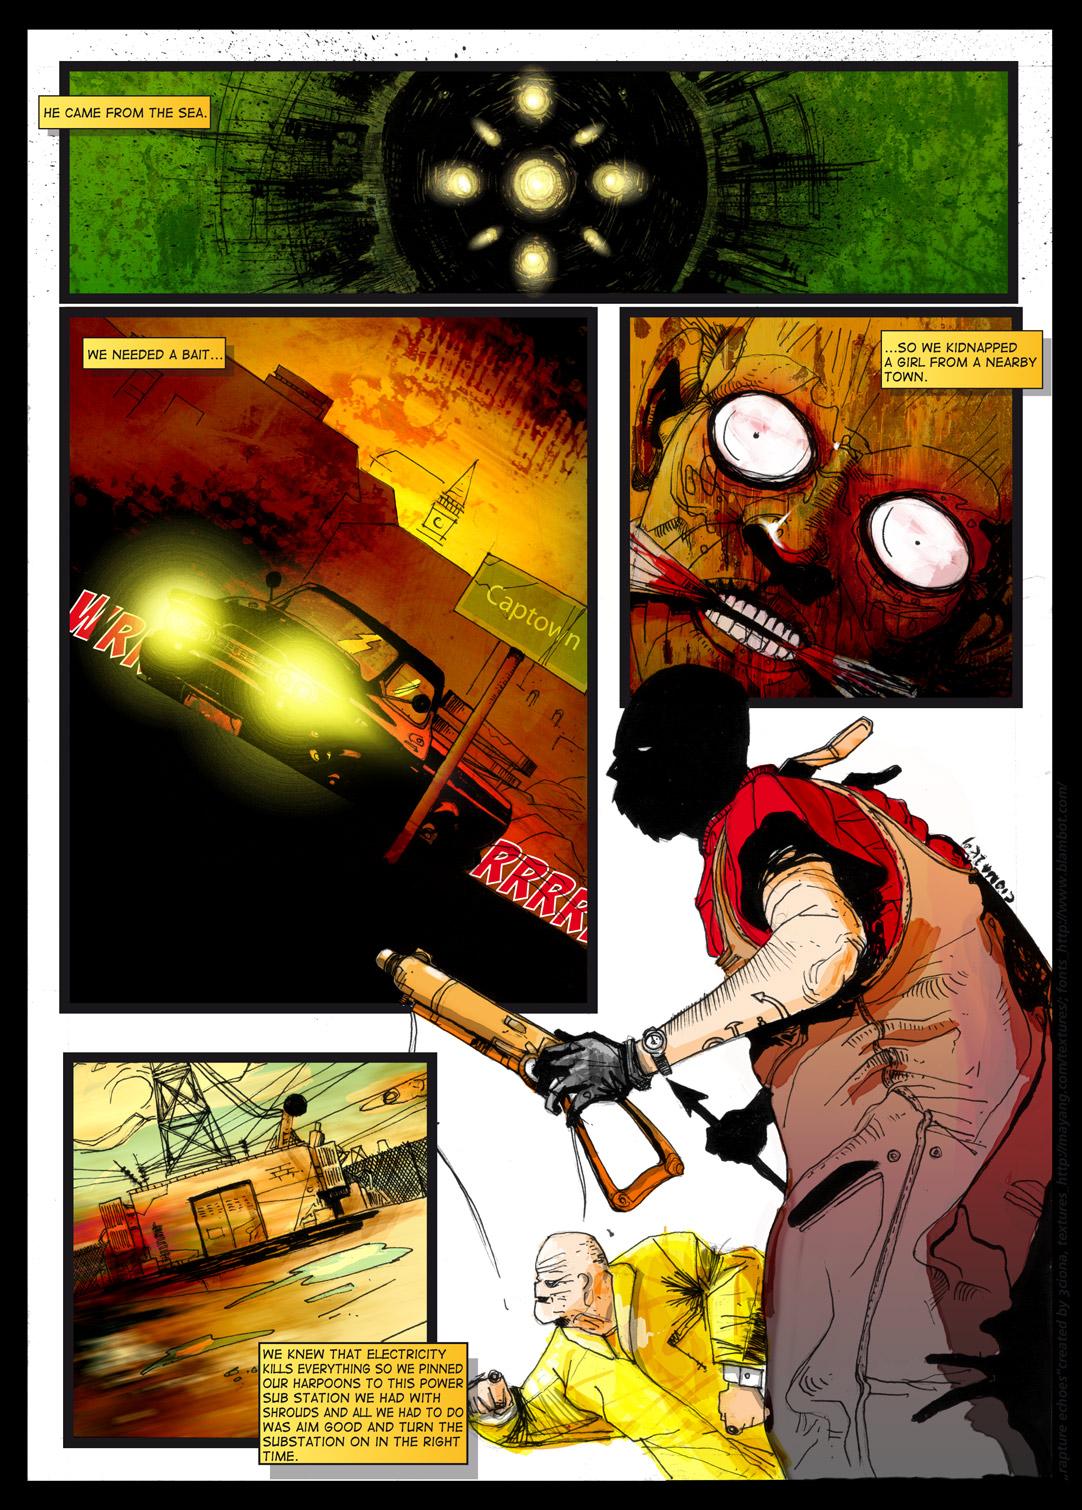 bioshock fan comic book pg 5